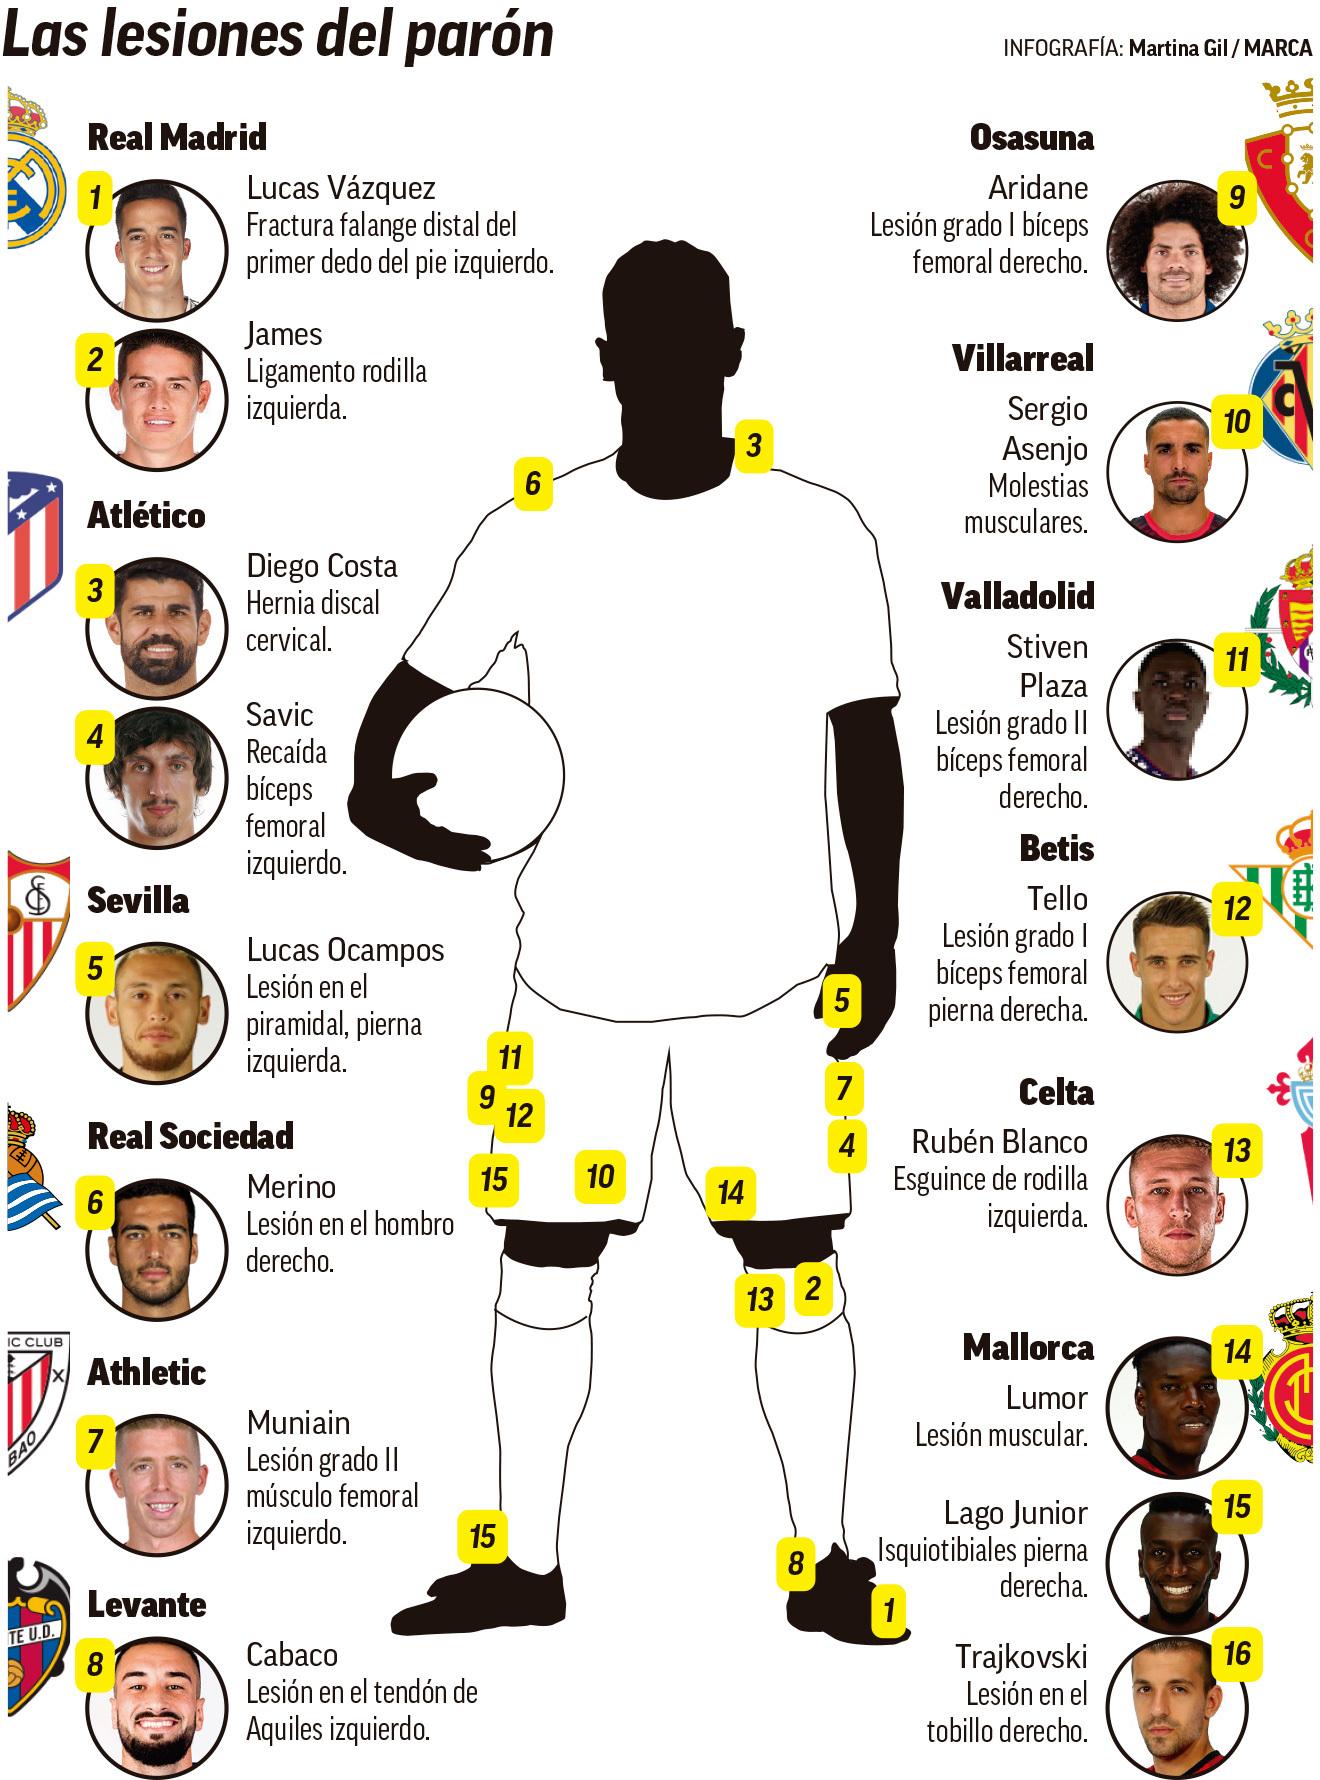 马卡列遭受FIFA病毒的西甲球员:J罗、科斯塔、巴斯克斯在列